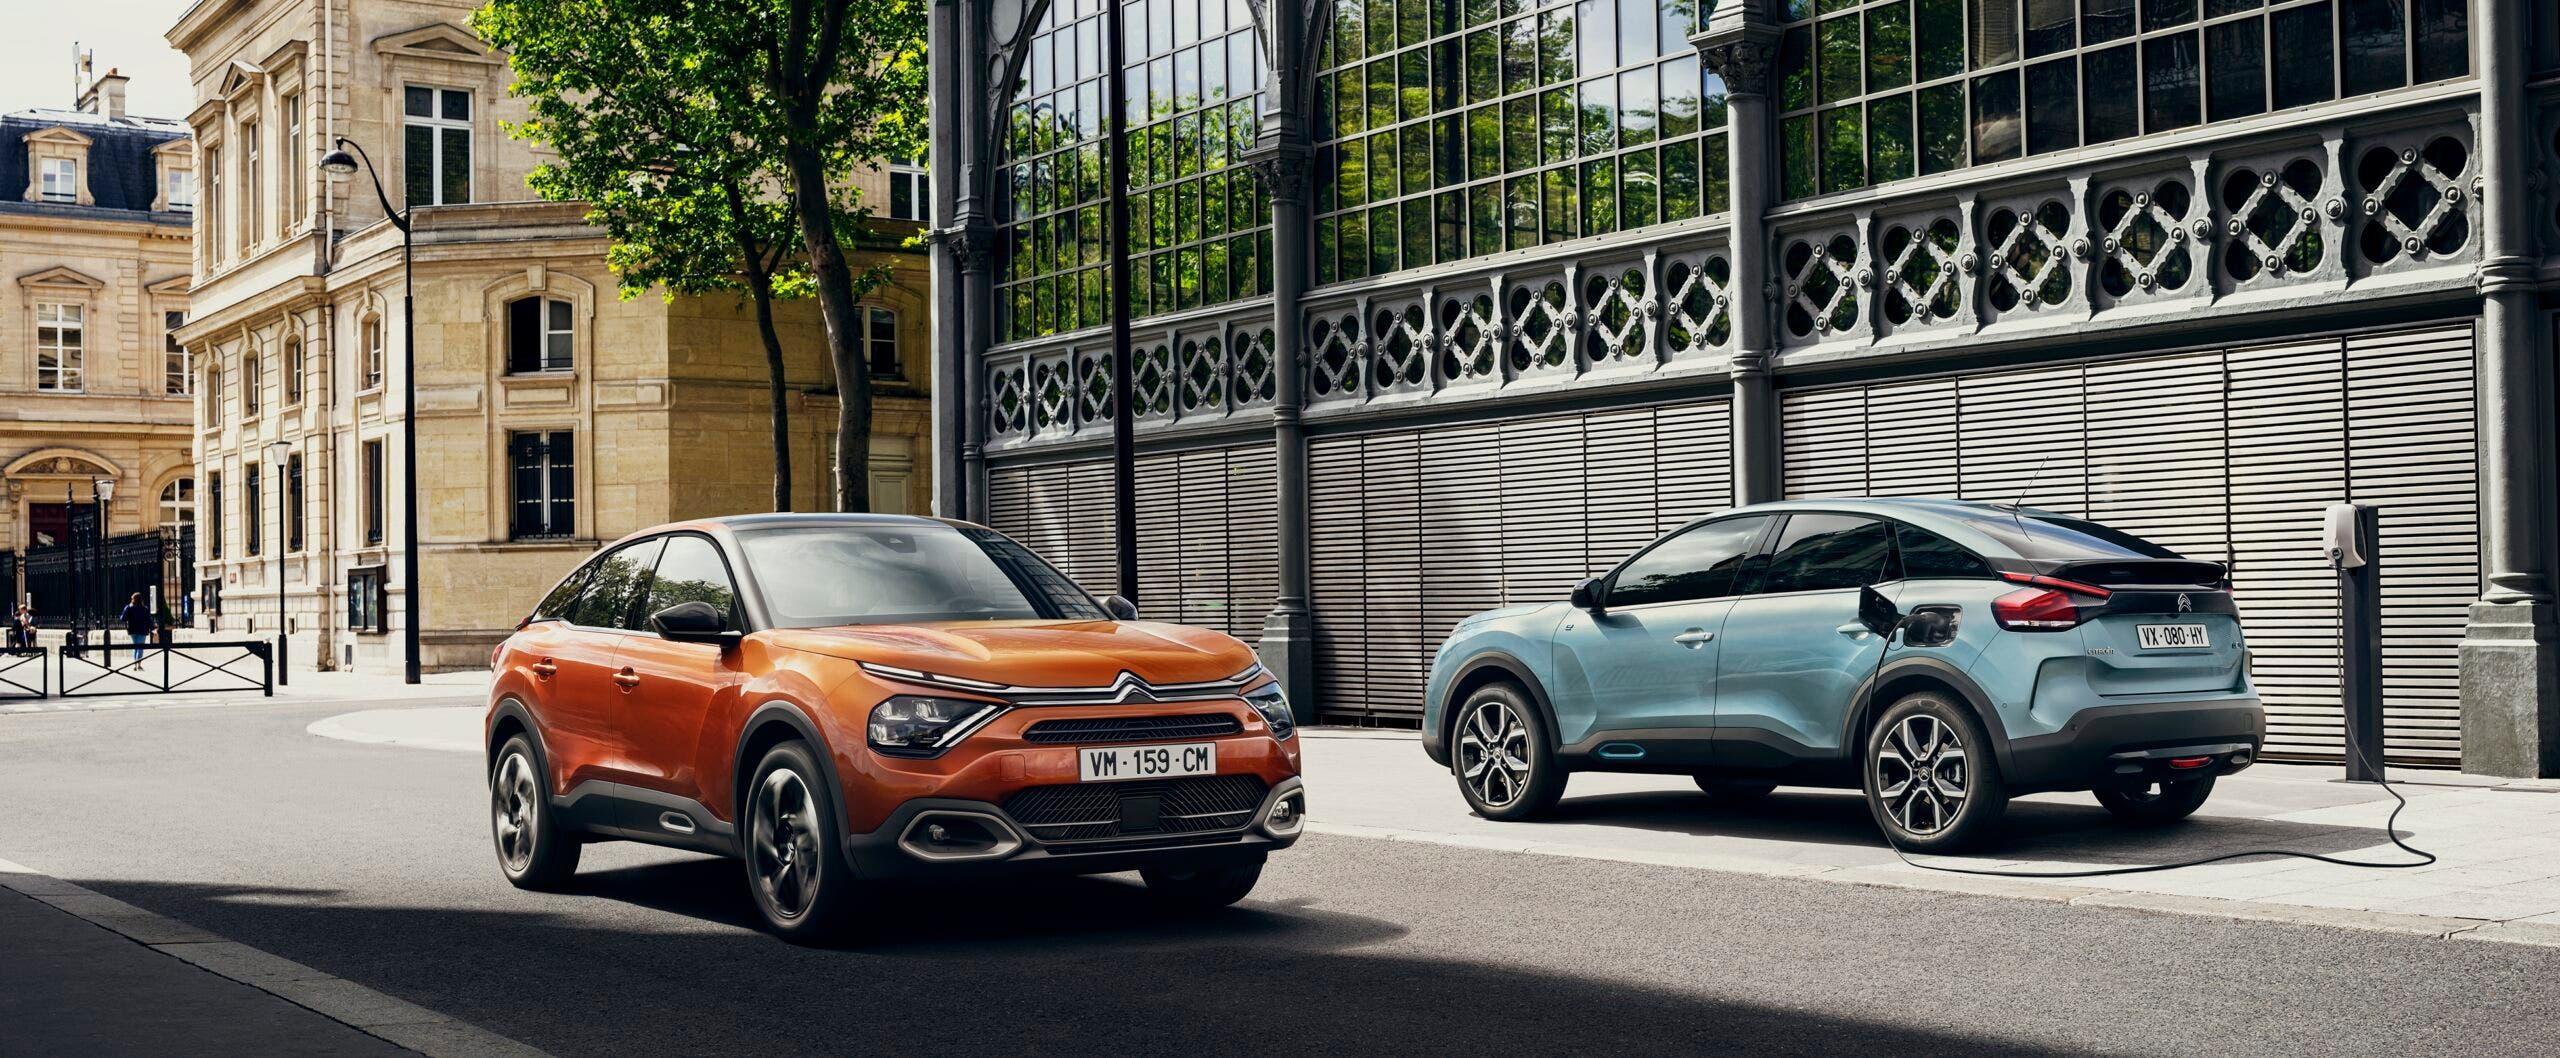 Nuove Citroën C4 ed e-C4 sicurezza